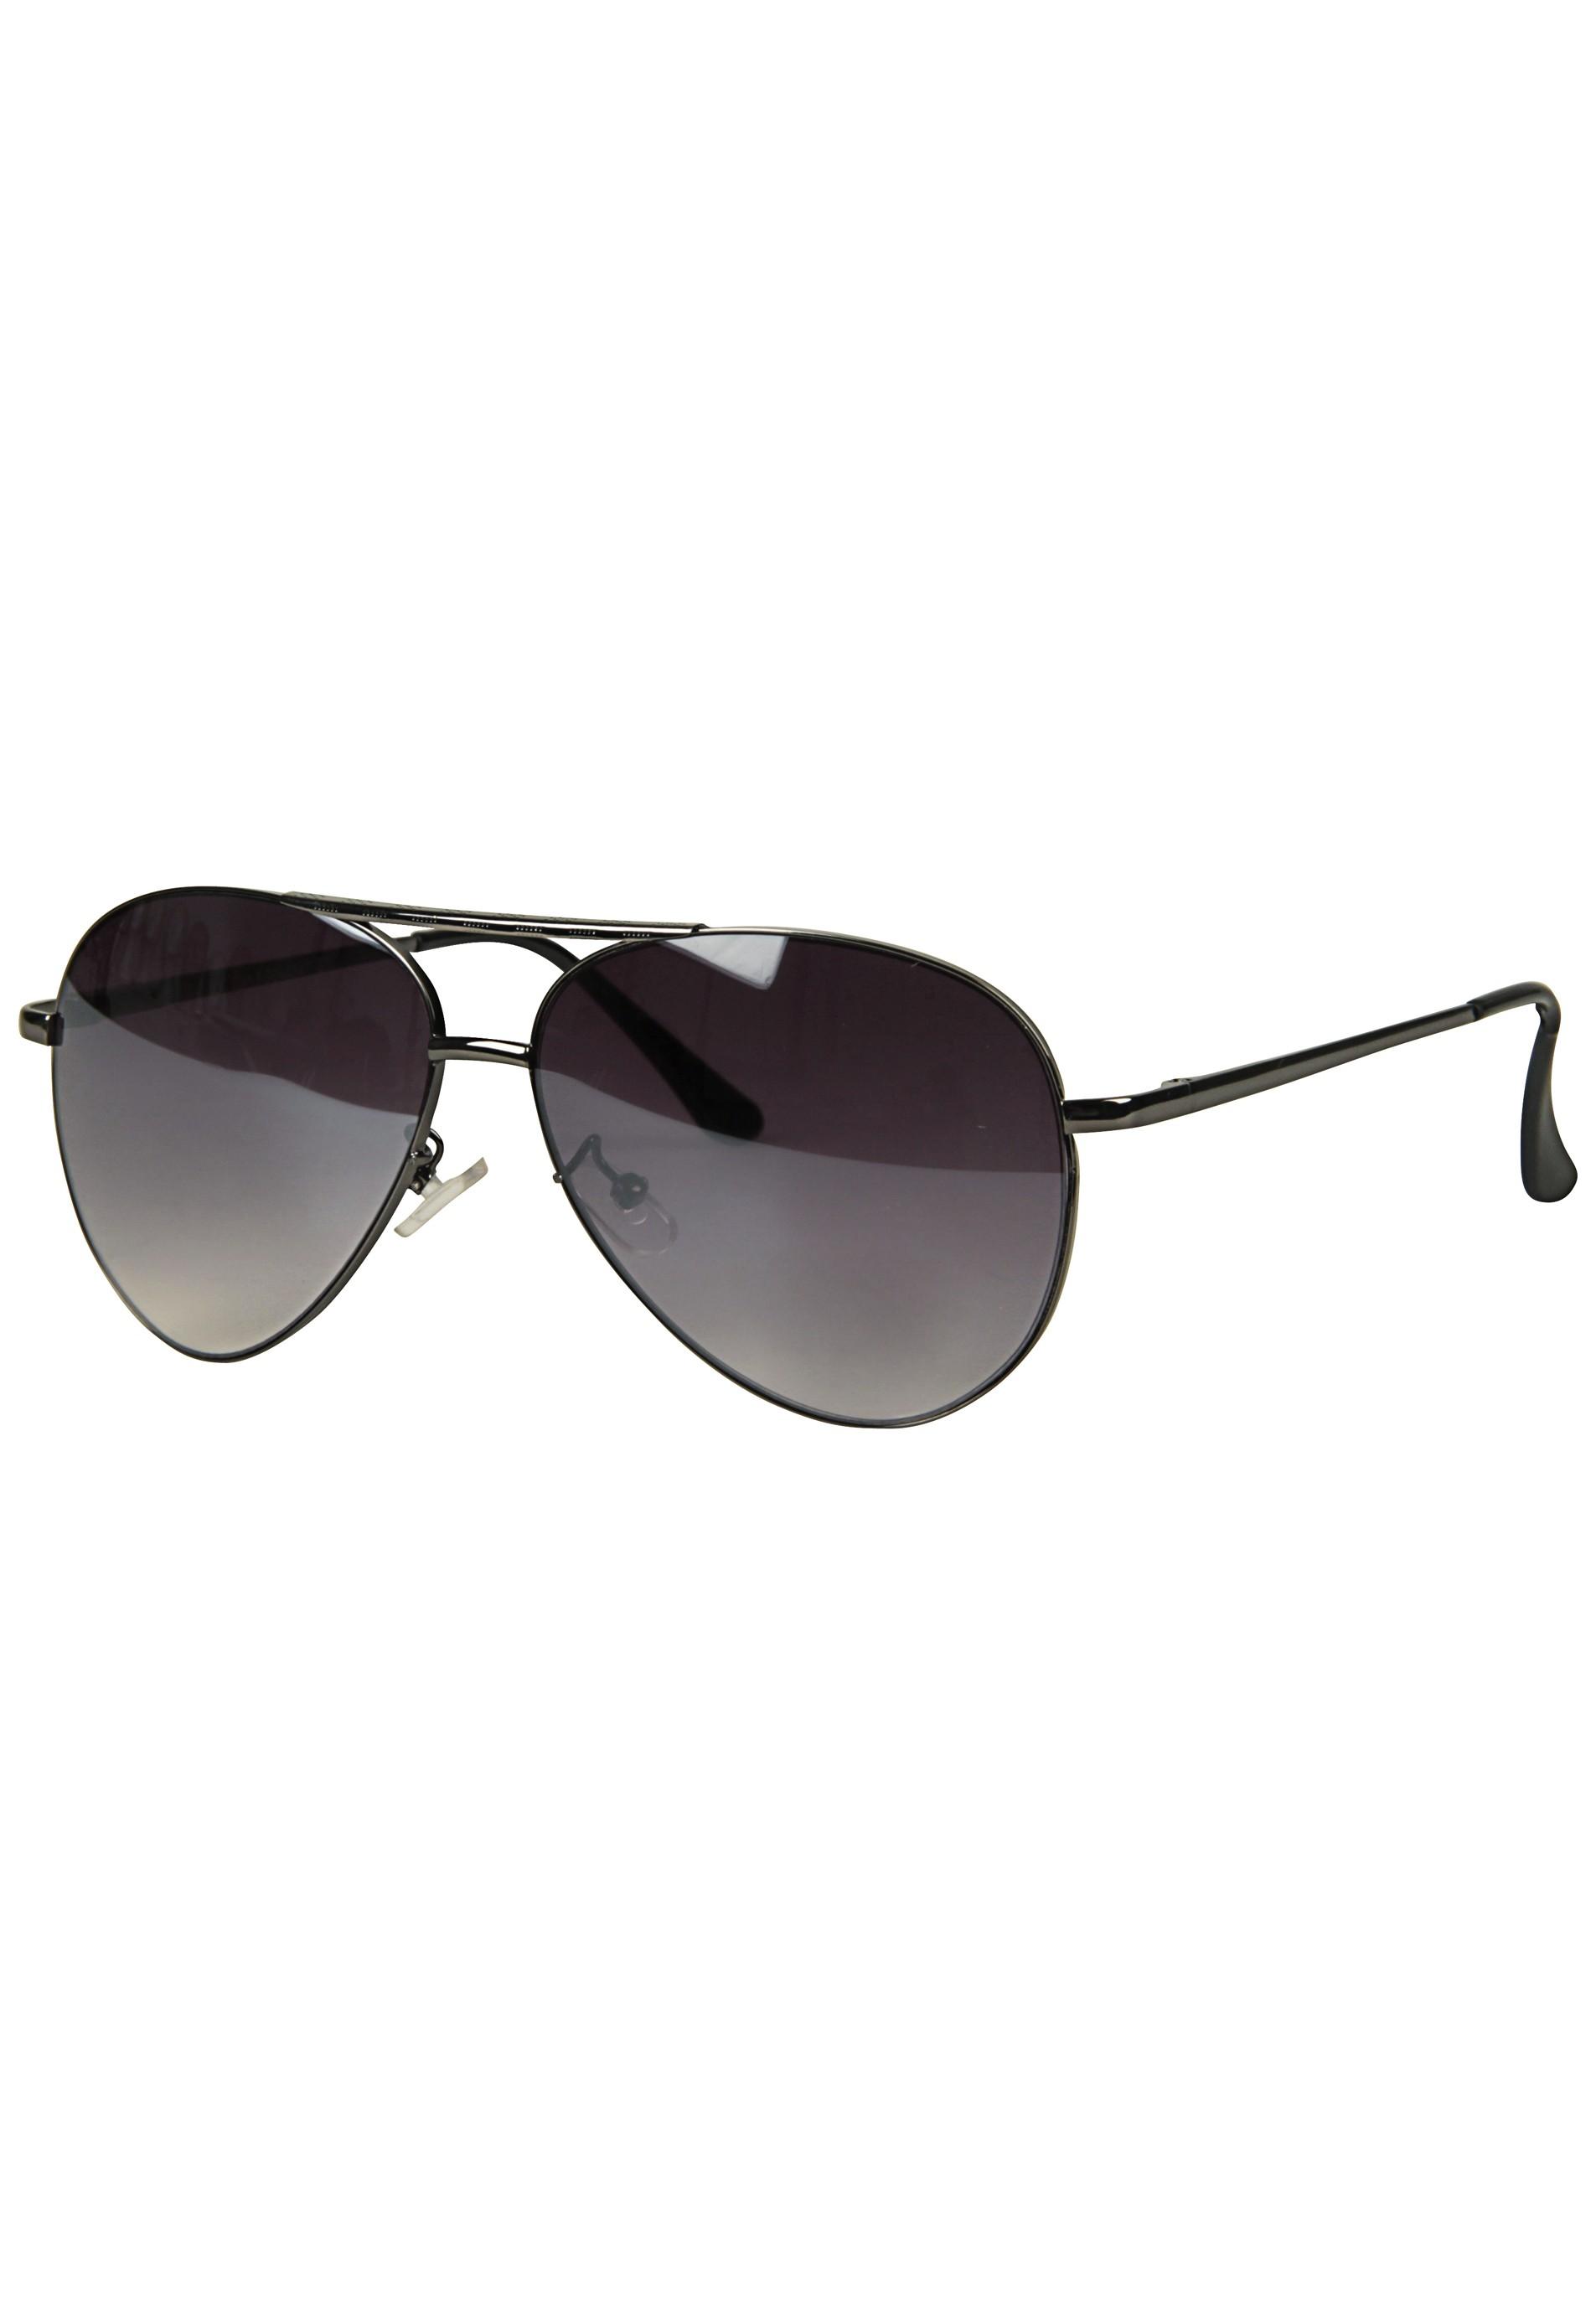 brandaktuelle Sonnebrille mit hohem UV Filter